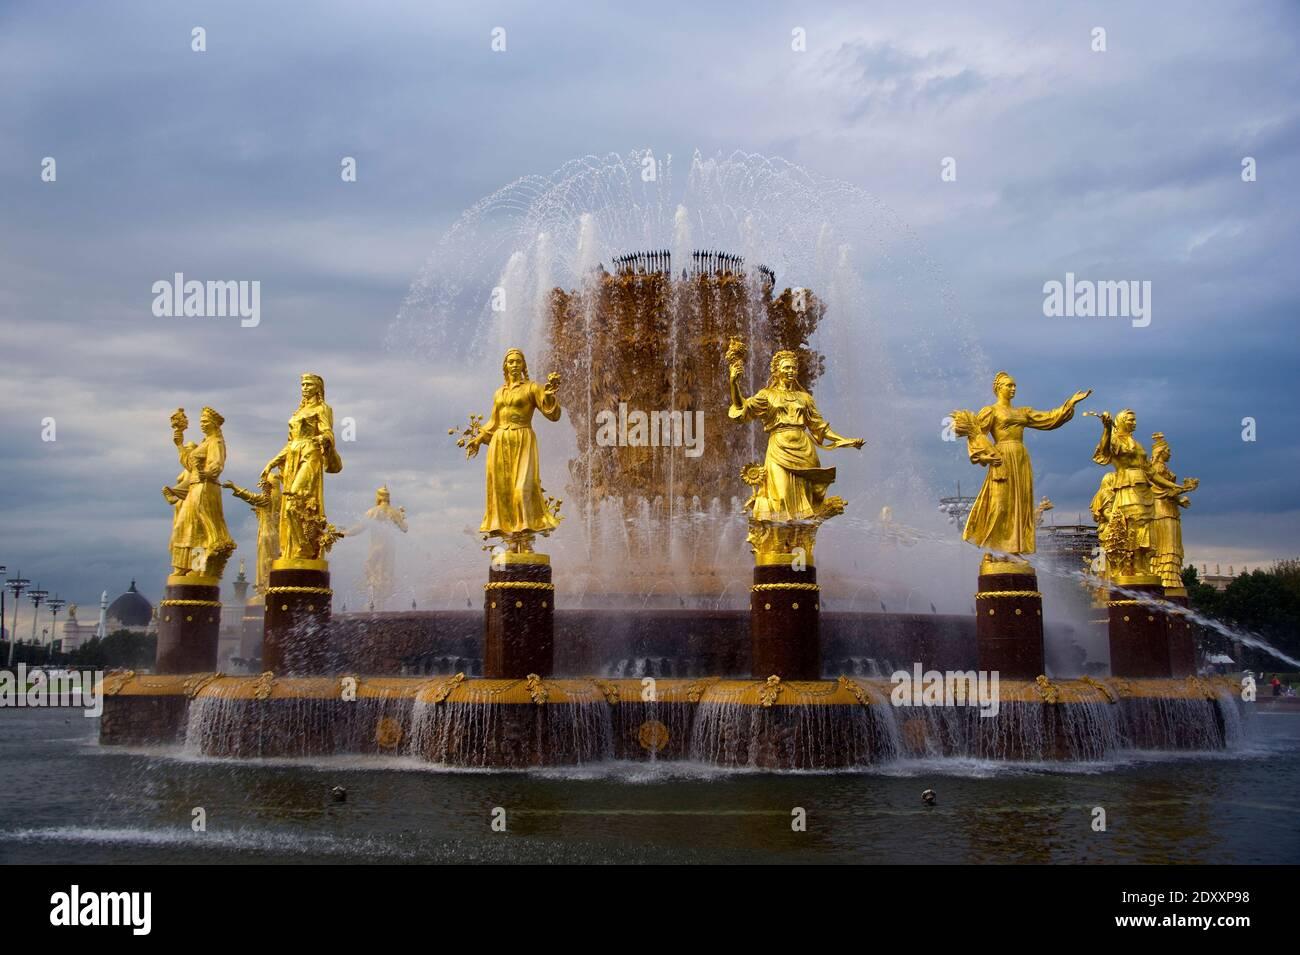 La fontaine symbolise l'amitié des peuples de l'Union soviétique. Banque D'Images